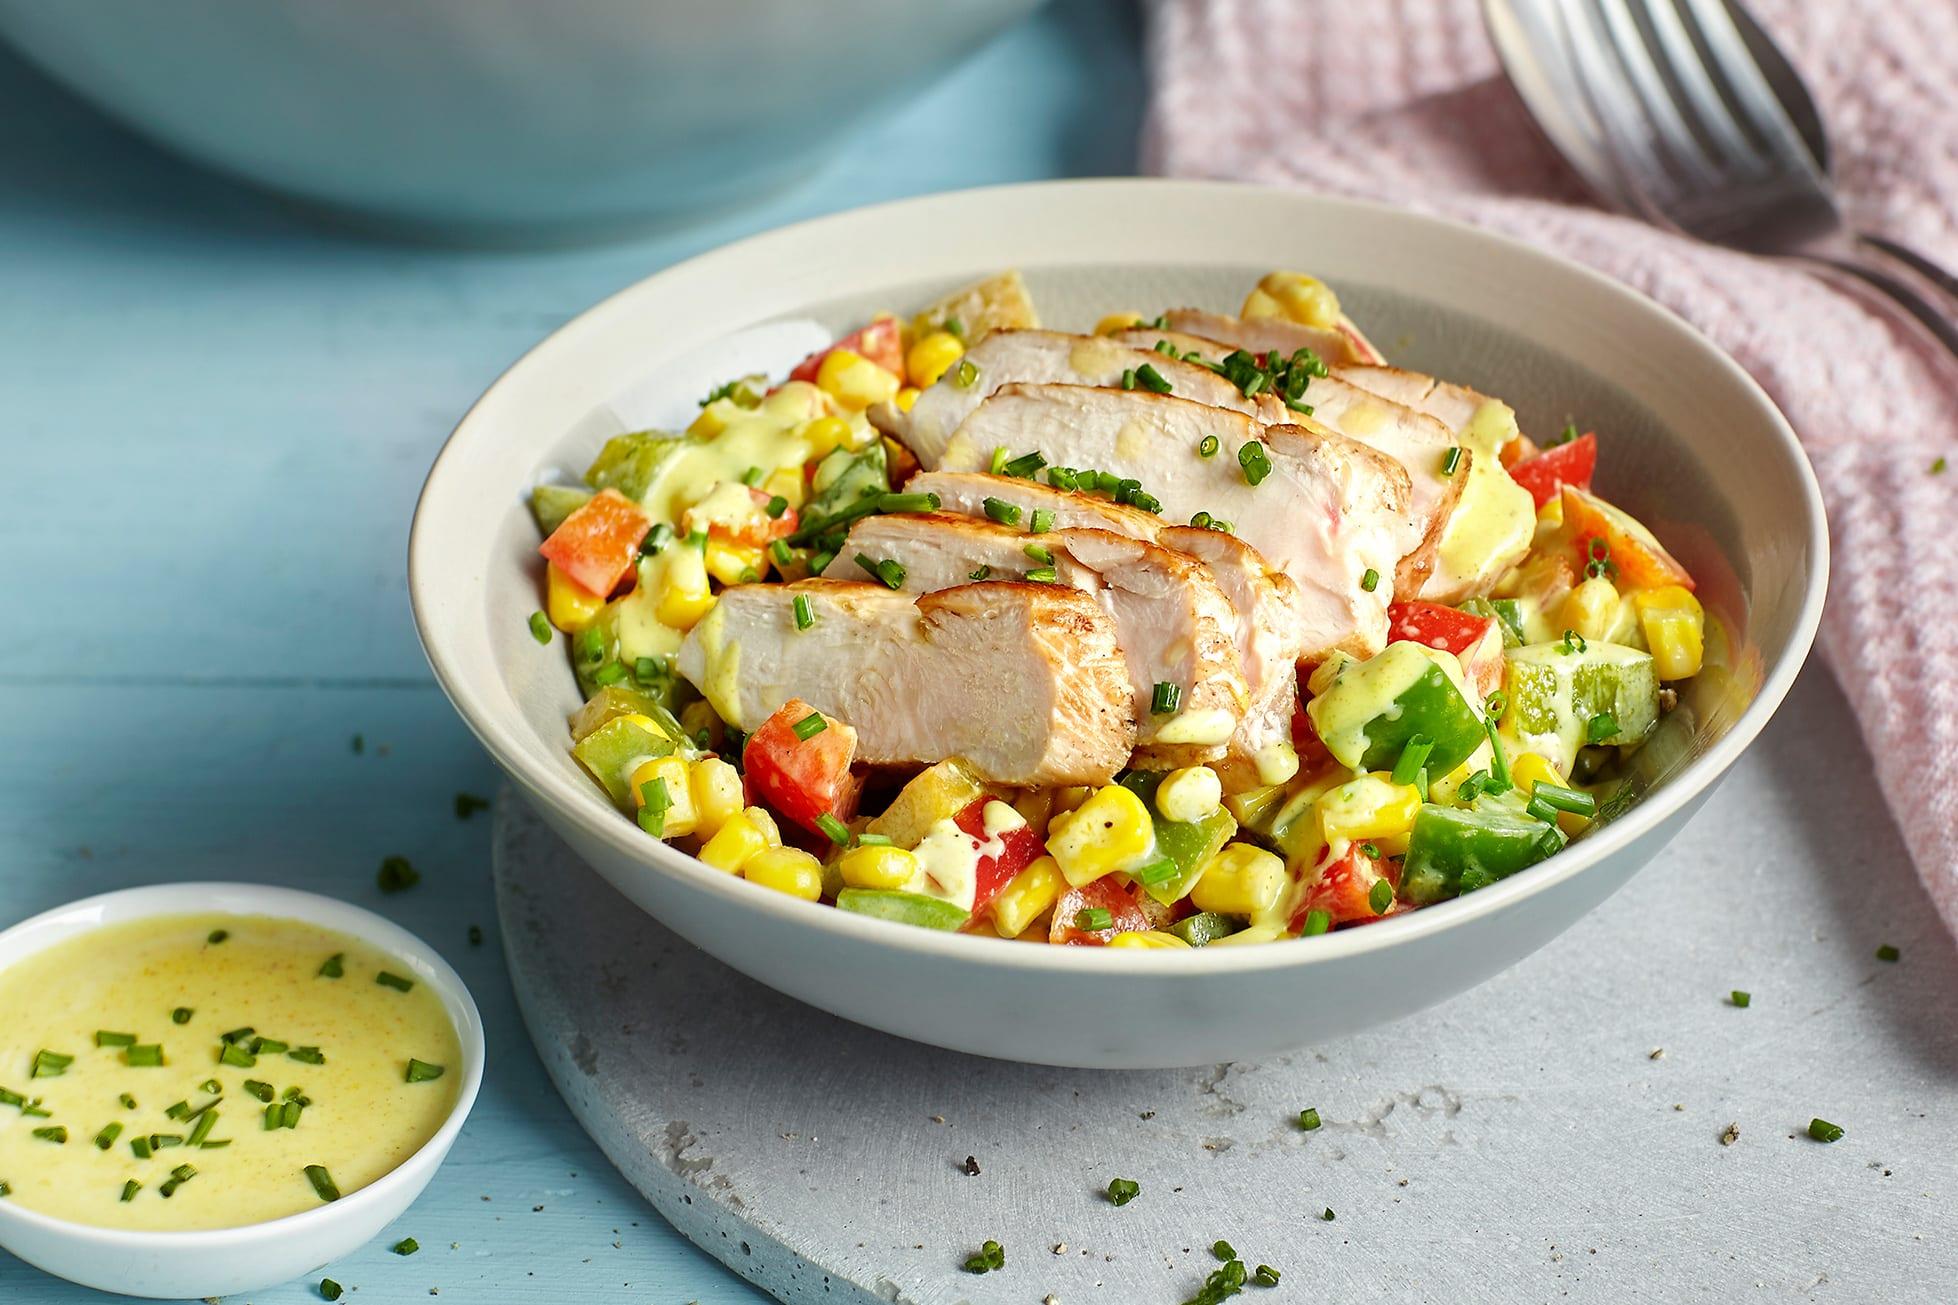 Salade fraîche de maïs au poulet